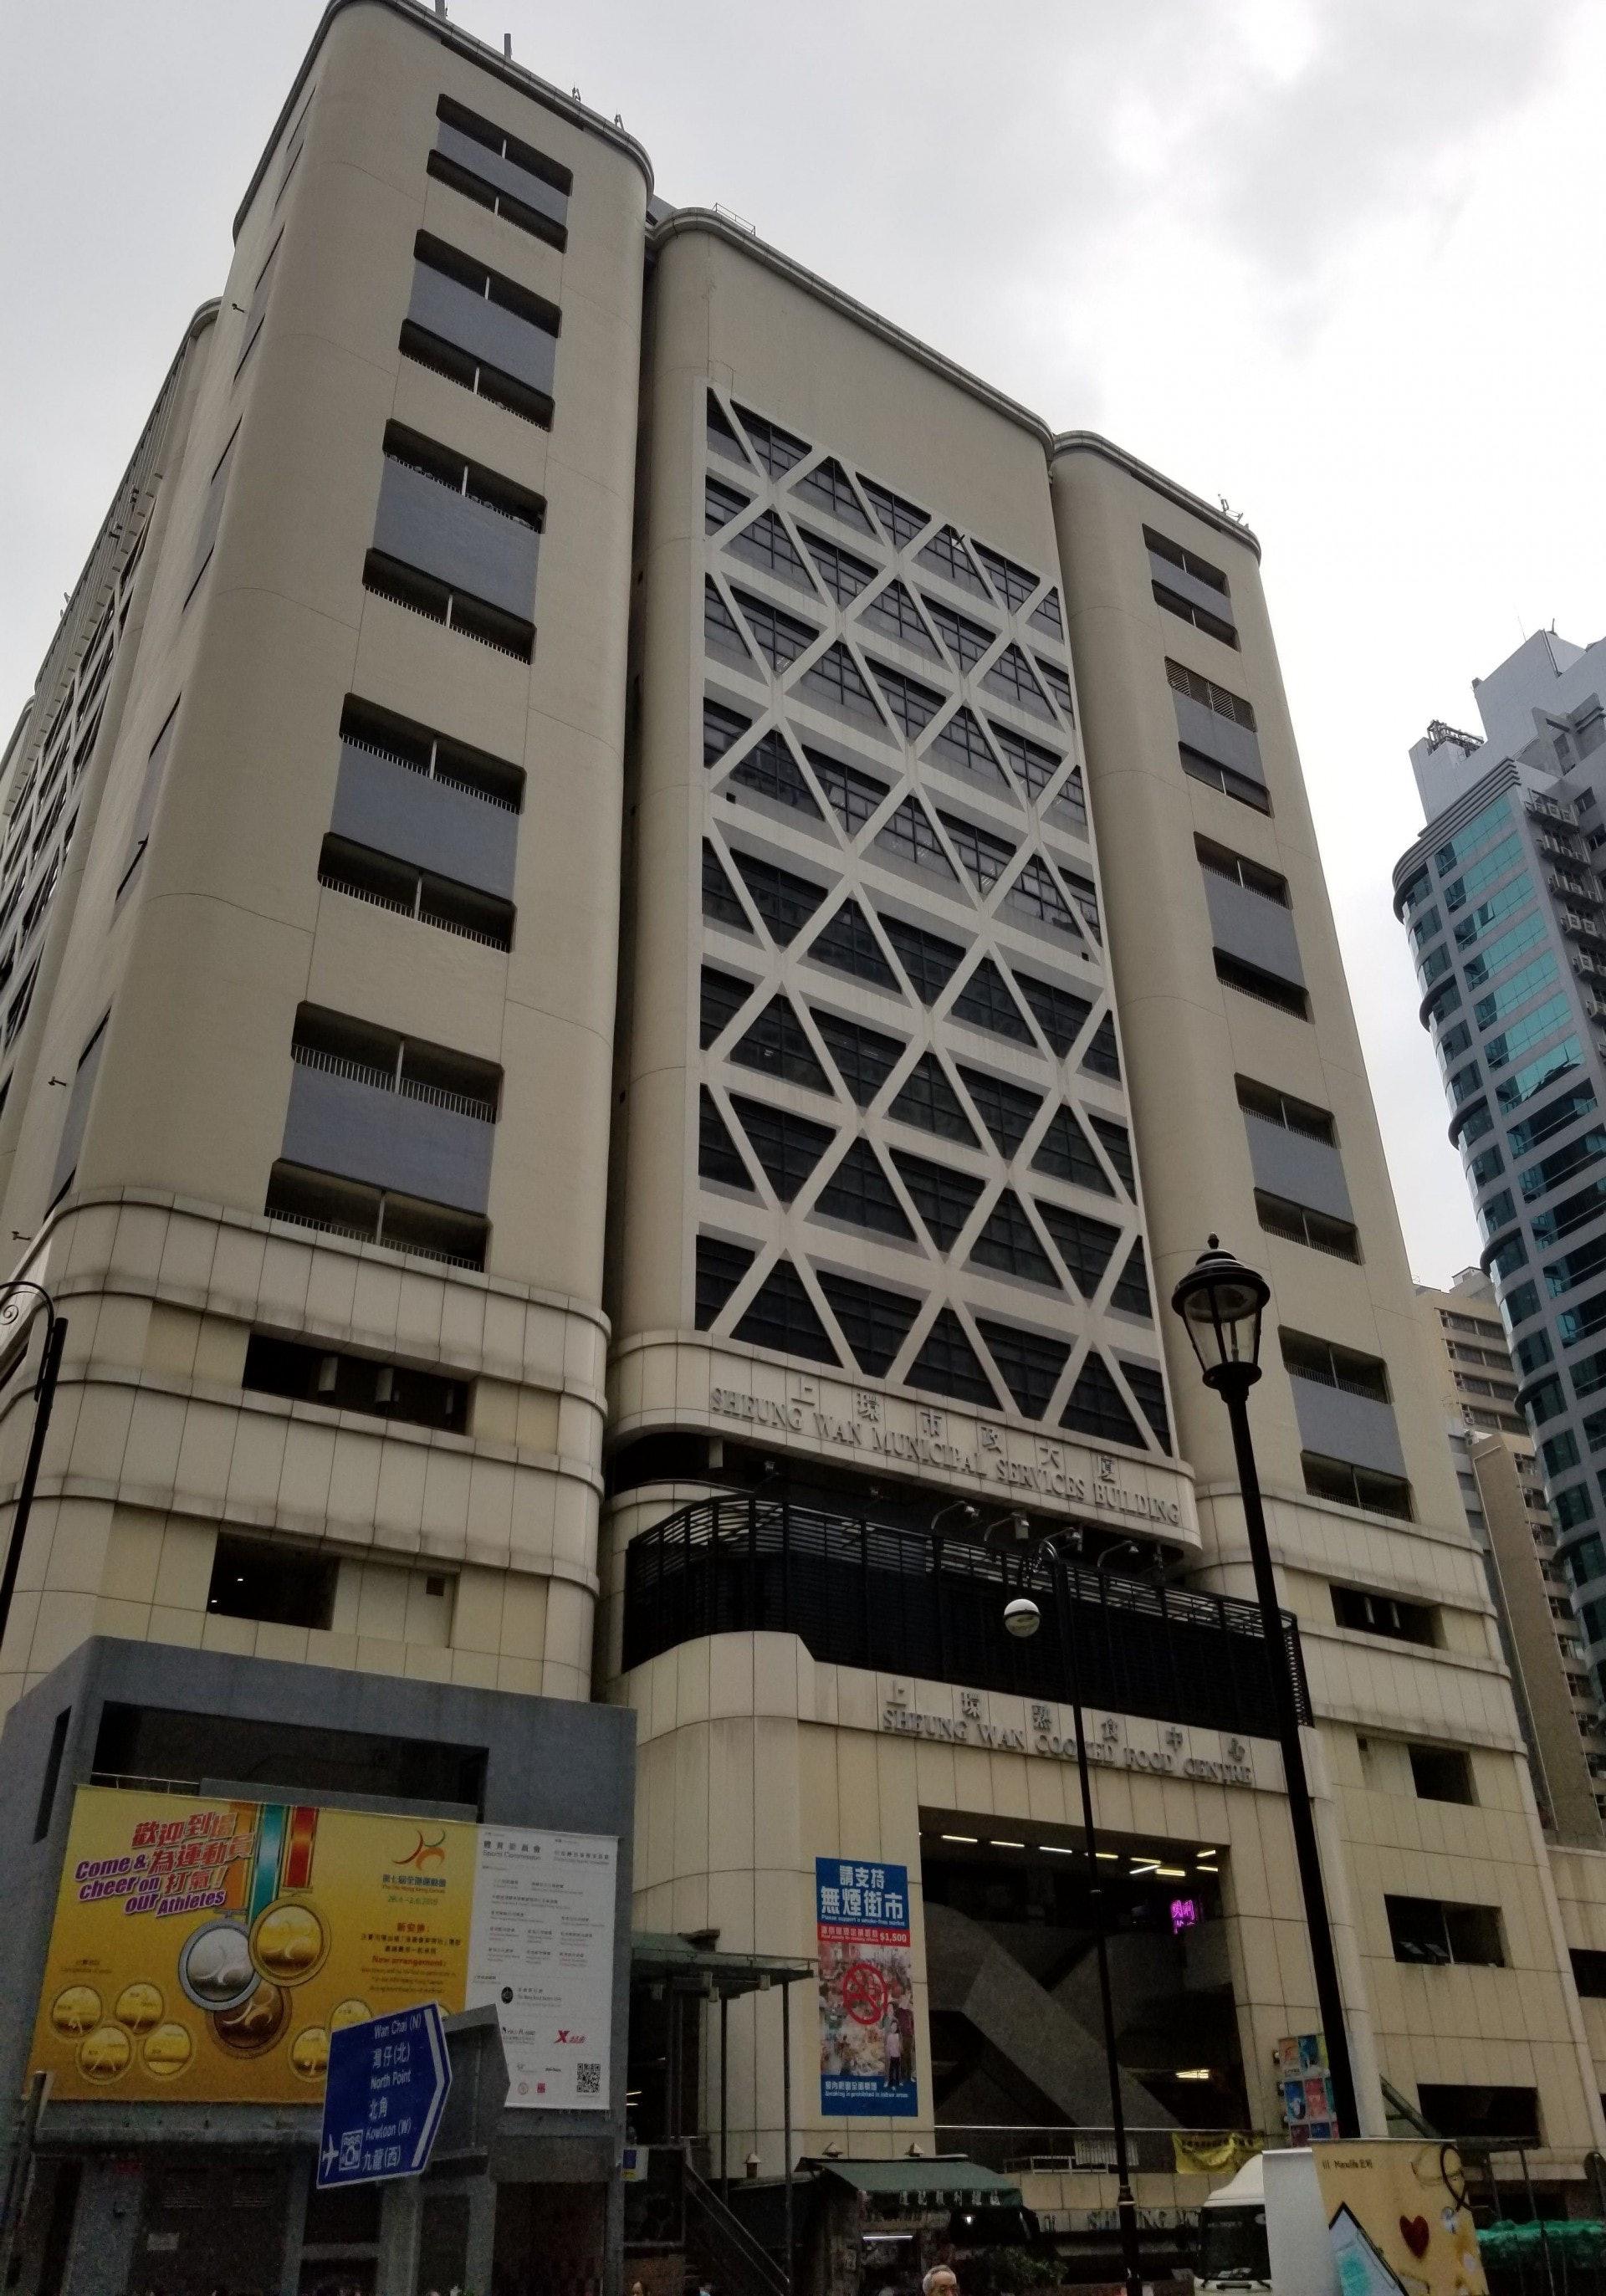 上環文娛中心,在皇后大道中345號,1989年建成,快三十年了。(作者提供)